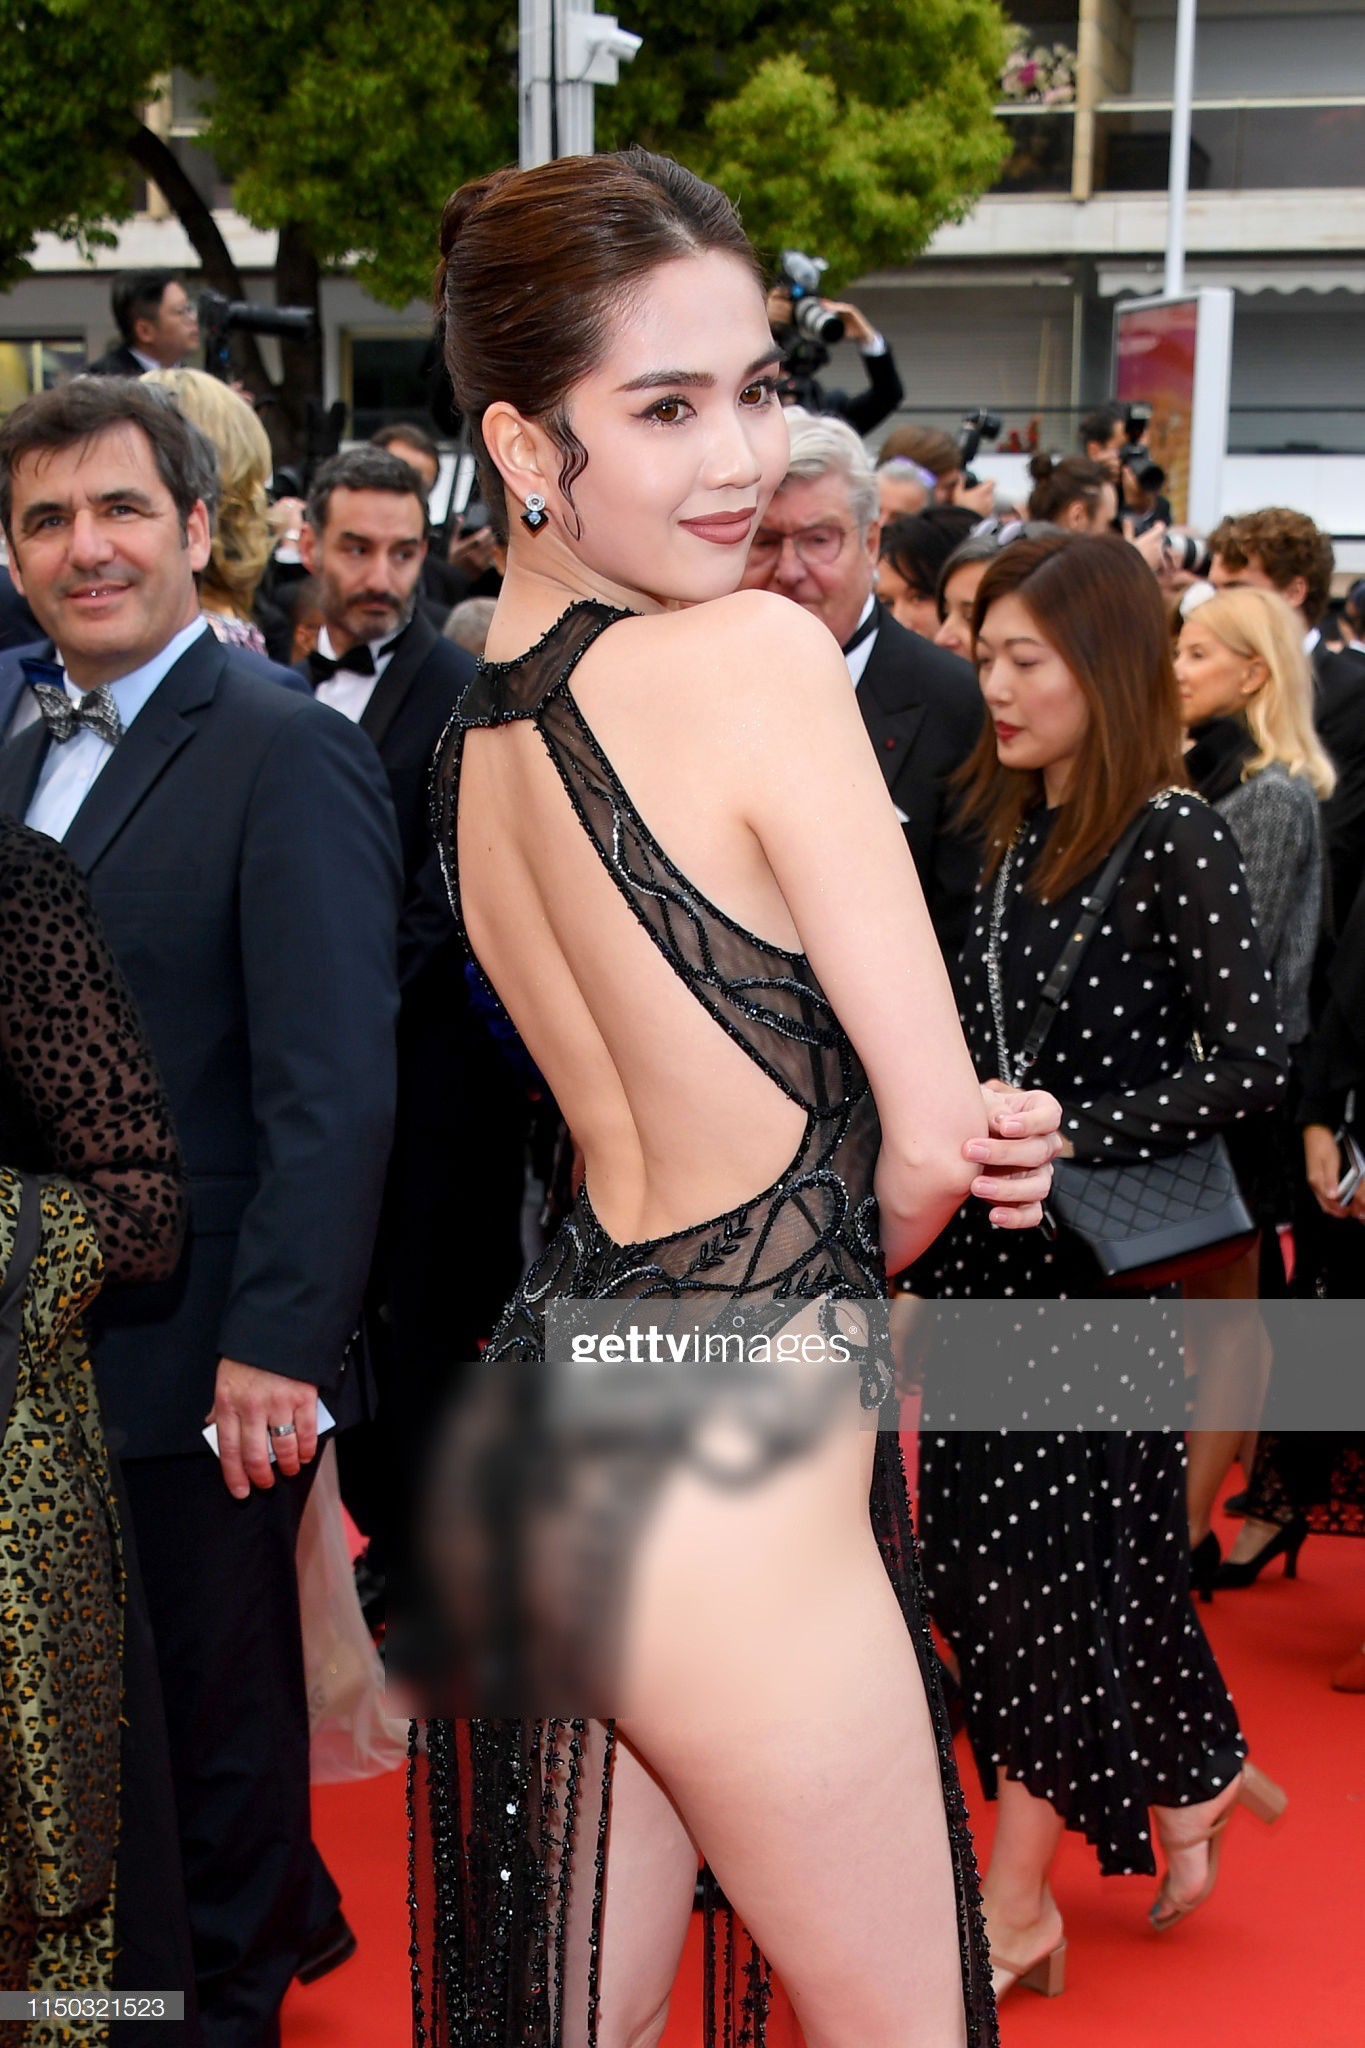 Đọ nhan sắc của Ngọc Trinh trên thảm đỏ Cannes khi chưa và đã qua phù thuỷ photoshop - Ảnh 11.